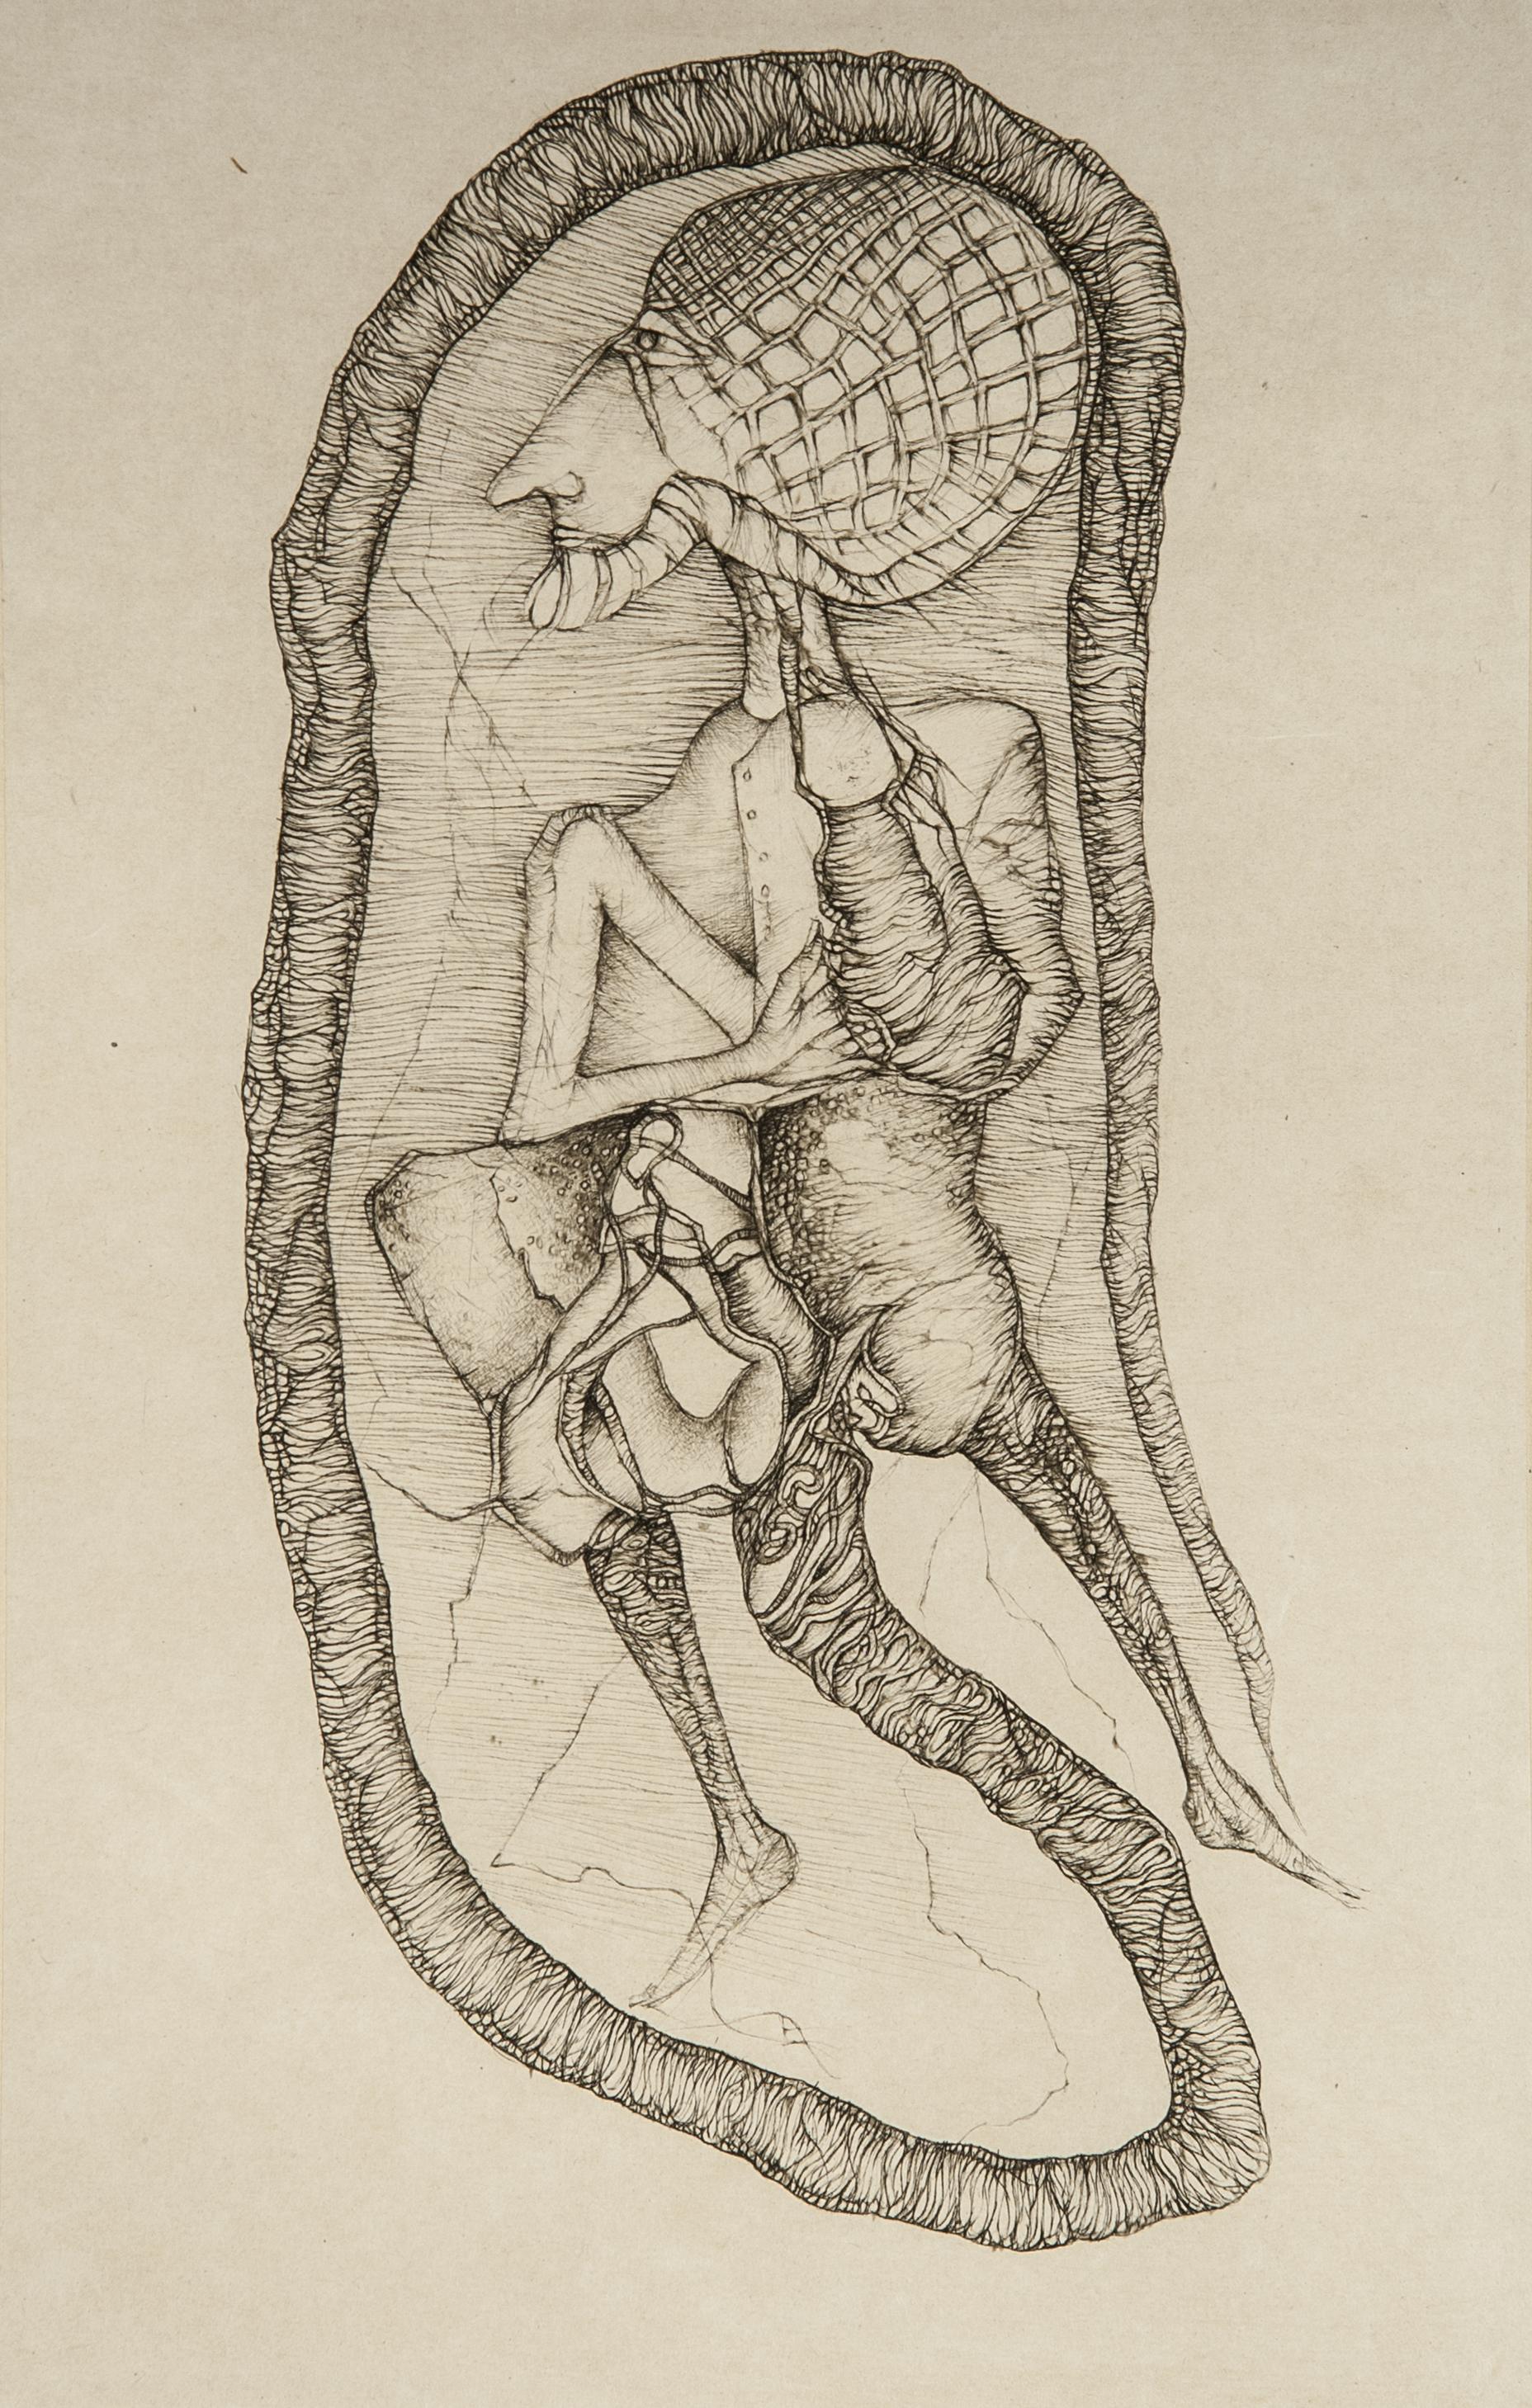 Cécile Reims, La Source, d'après Fred Deux, 2003 Gravure sur papier Japon appliqué sur vélin d'Arche